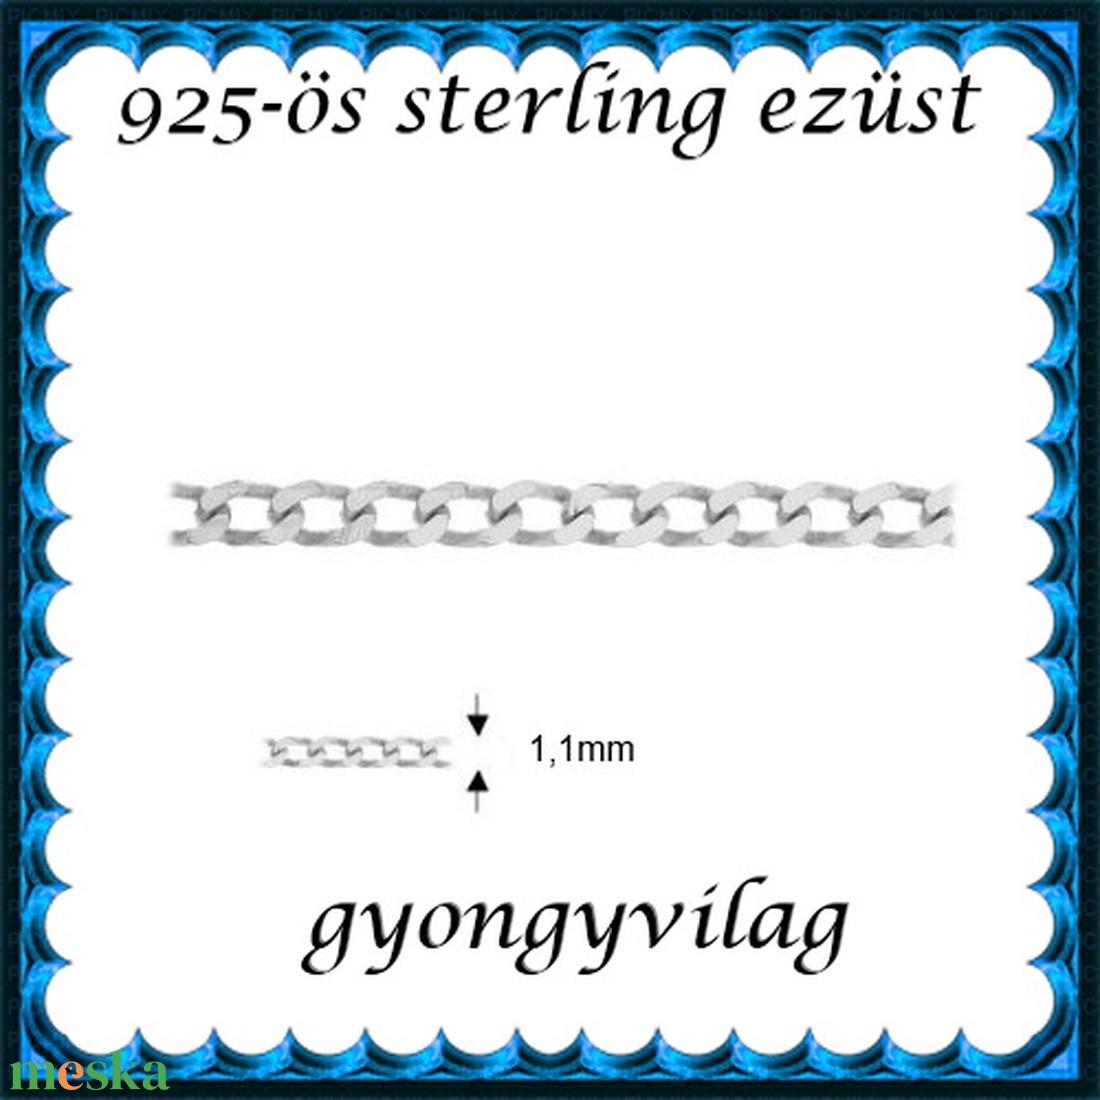 925-ös sterling ezüst ékszerkellék: lánc méterben 925 EL06-1,1e - gyöngy, ékszerkellék - Meska.hu